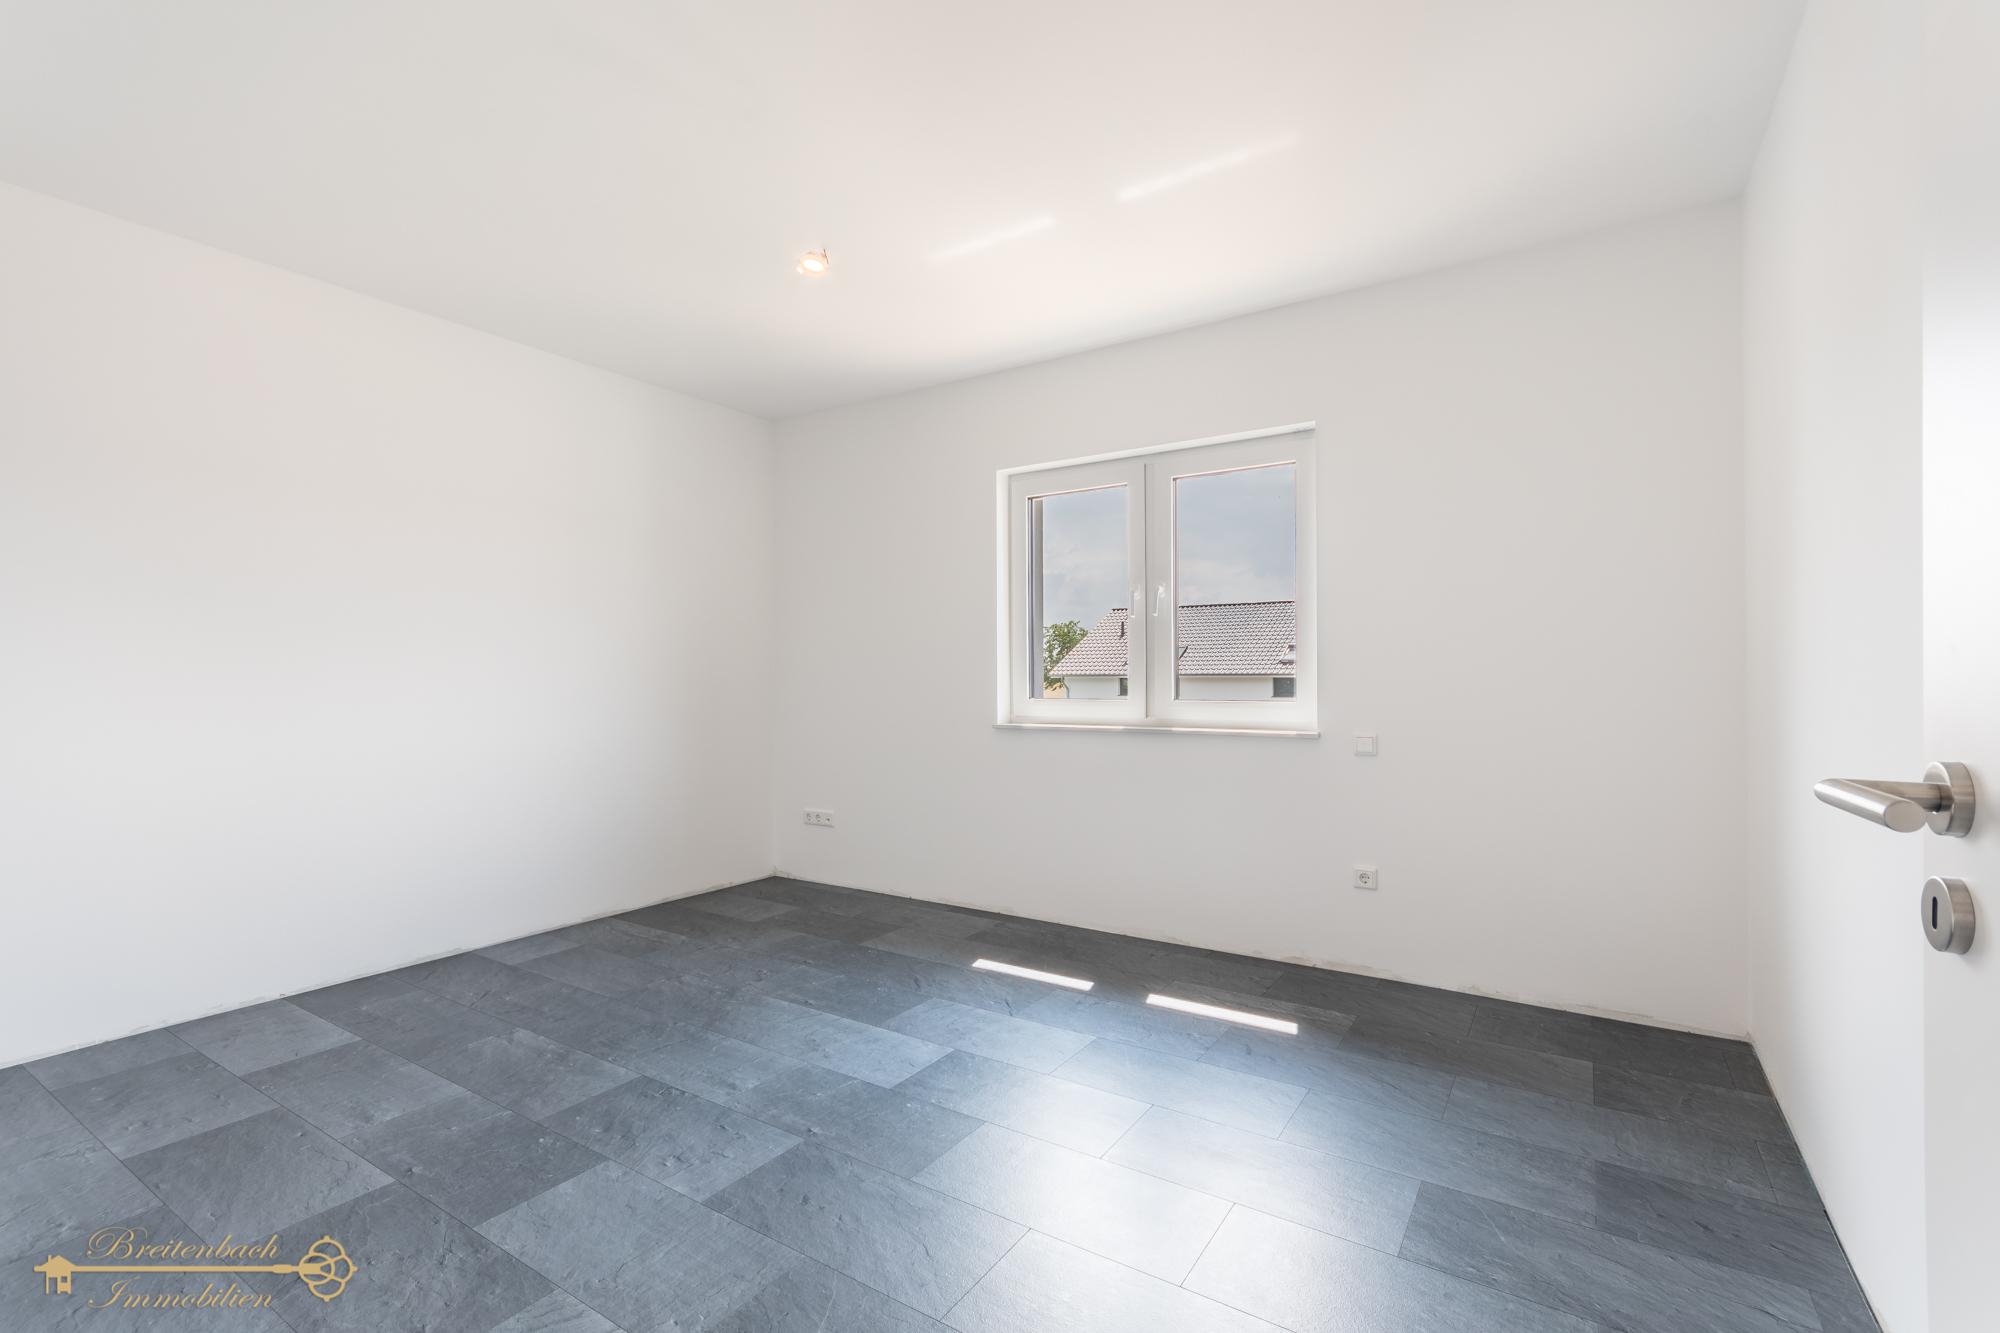 2020-07-03-Breitenbach-Immobilien-29